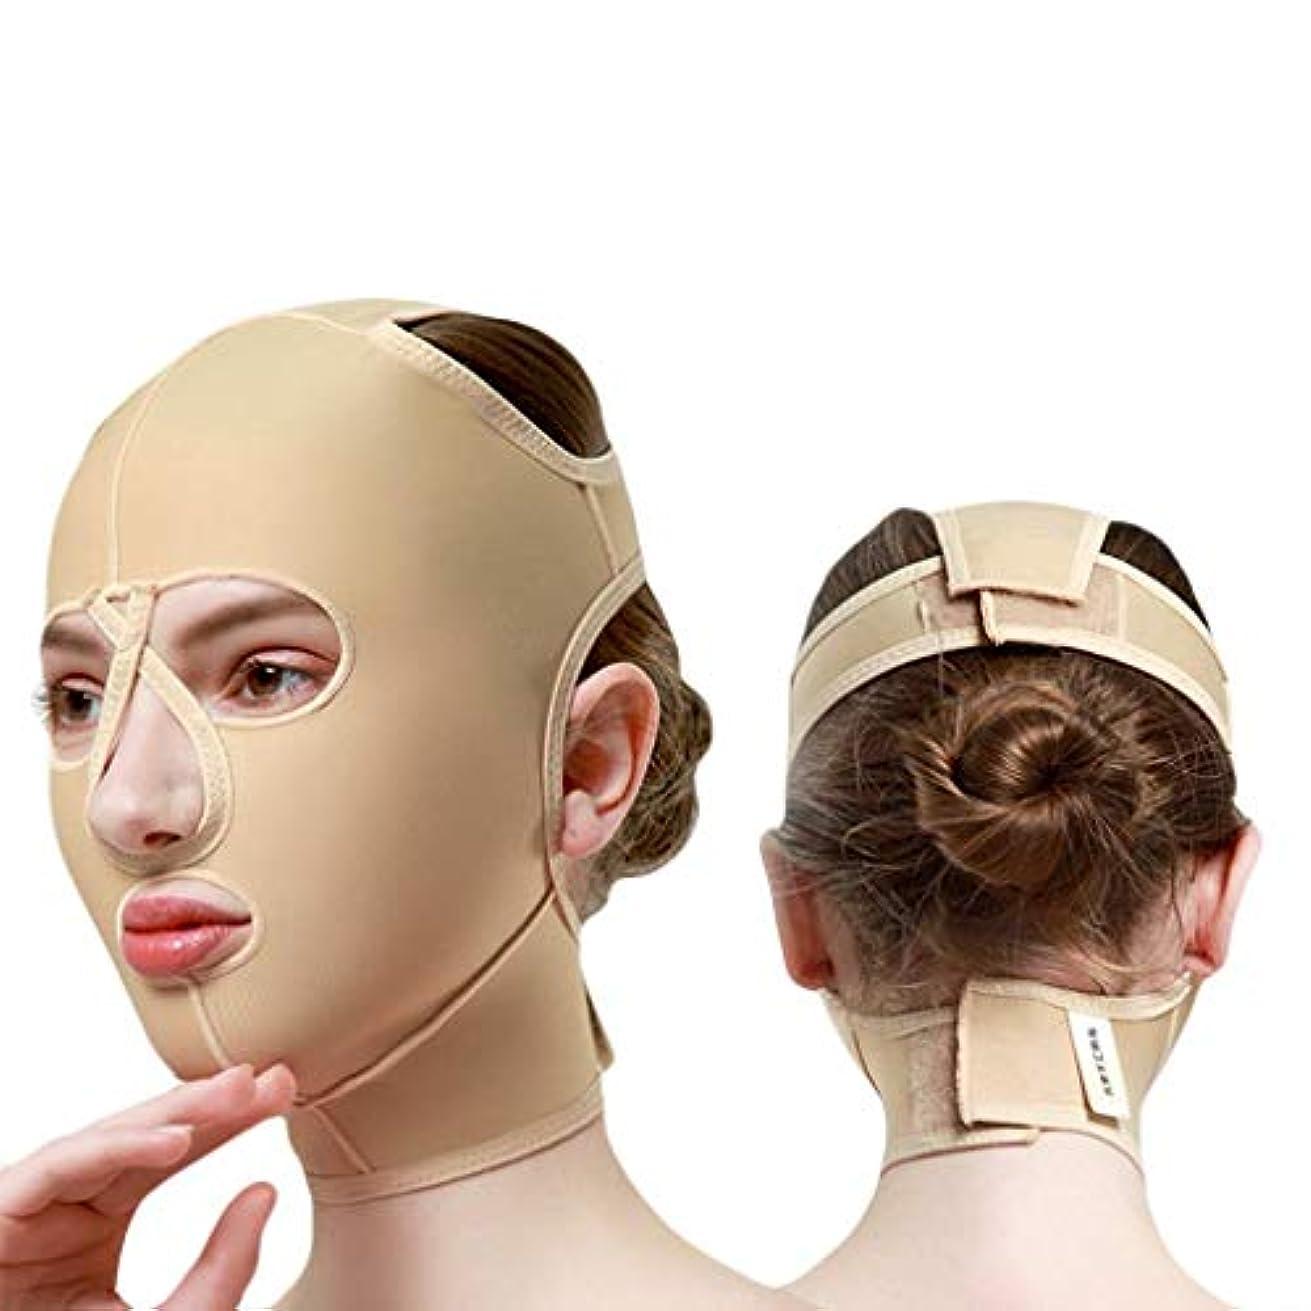 ワット粉砕する示すチンストラップ、顔彫りツール、リフティングマスク、ダブルチンリデューサー、フェイスリフティングエラスティックマスクメス(サイズ:M),S